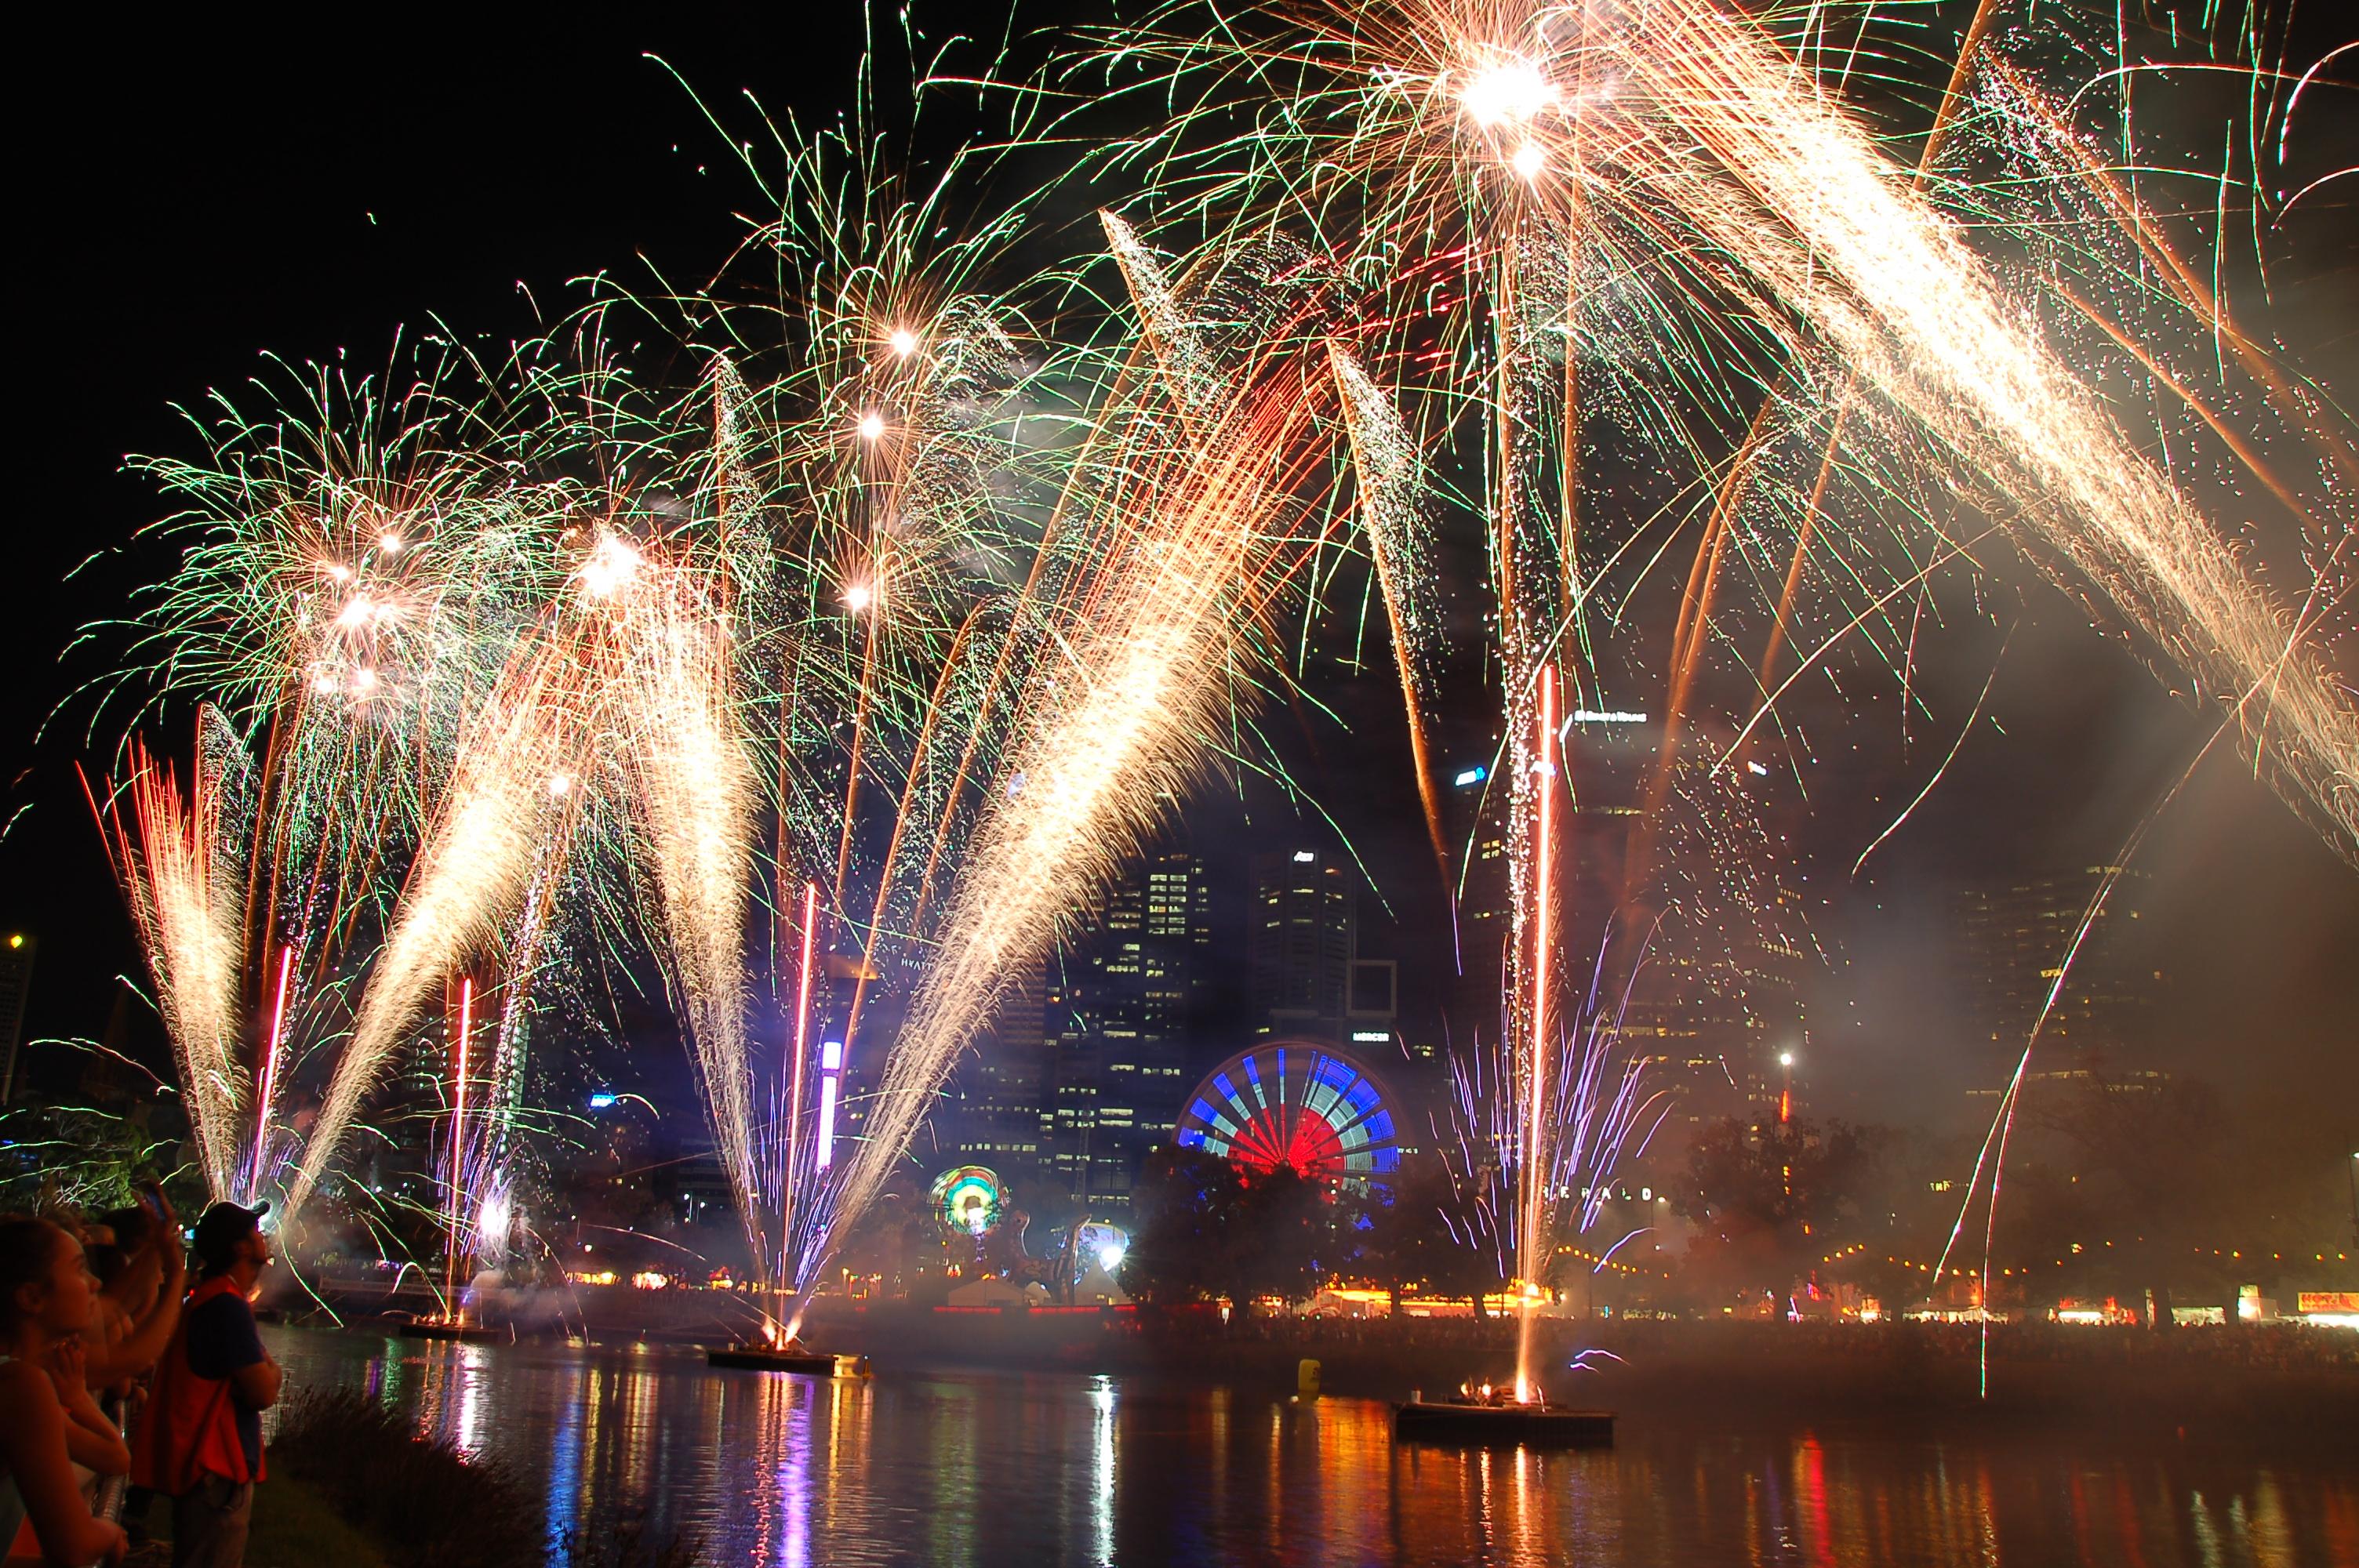 澳洲留學—Event management 碩士課程